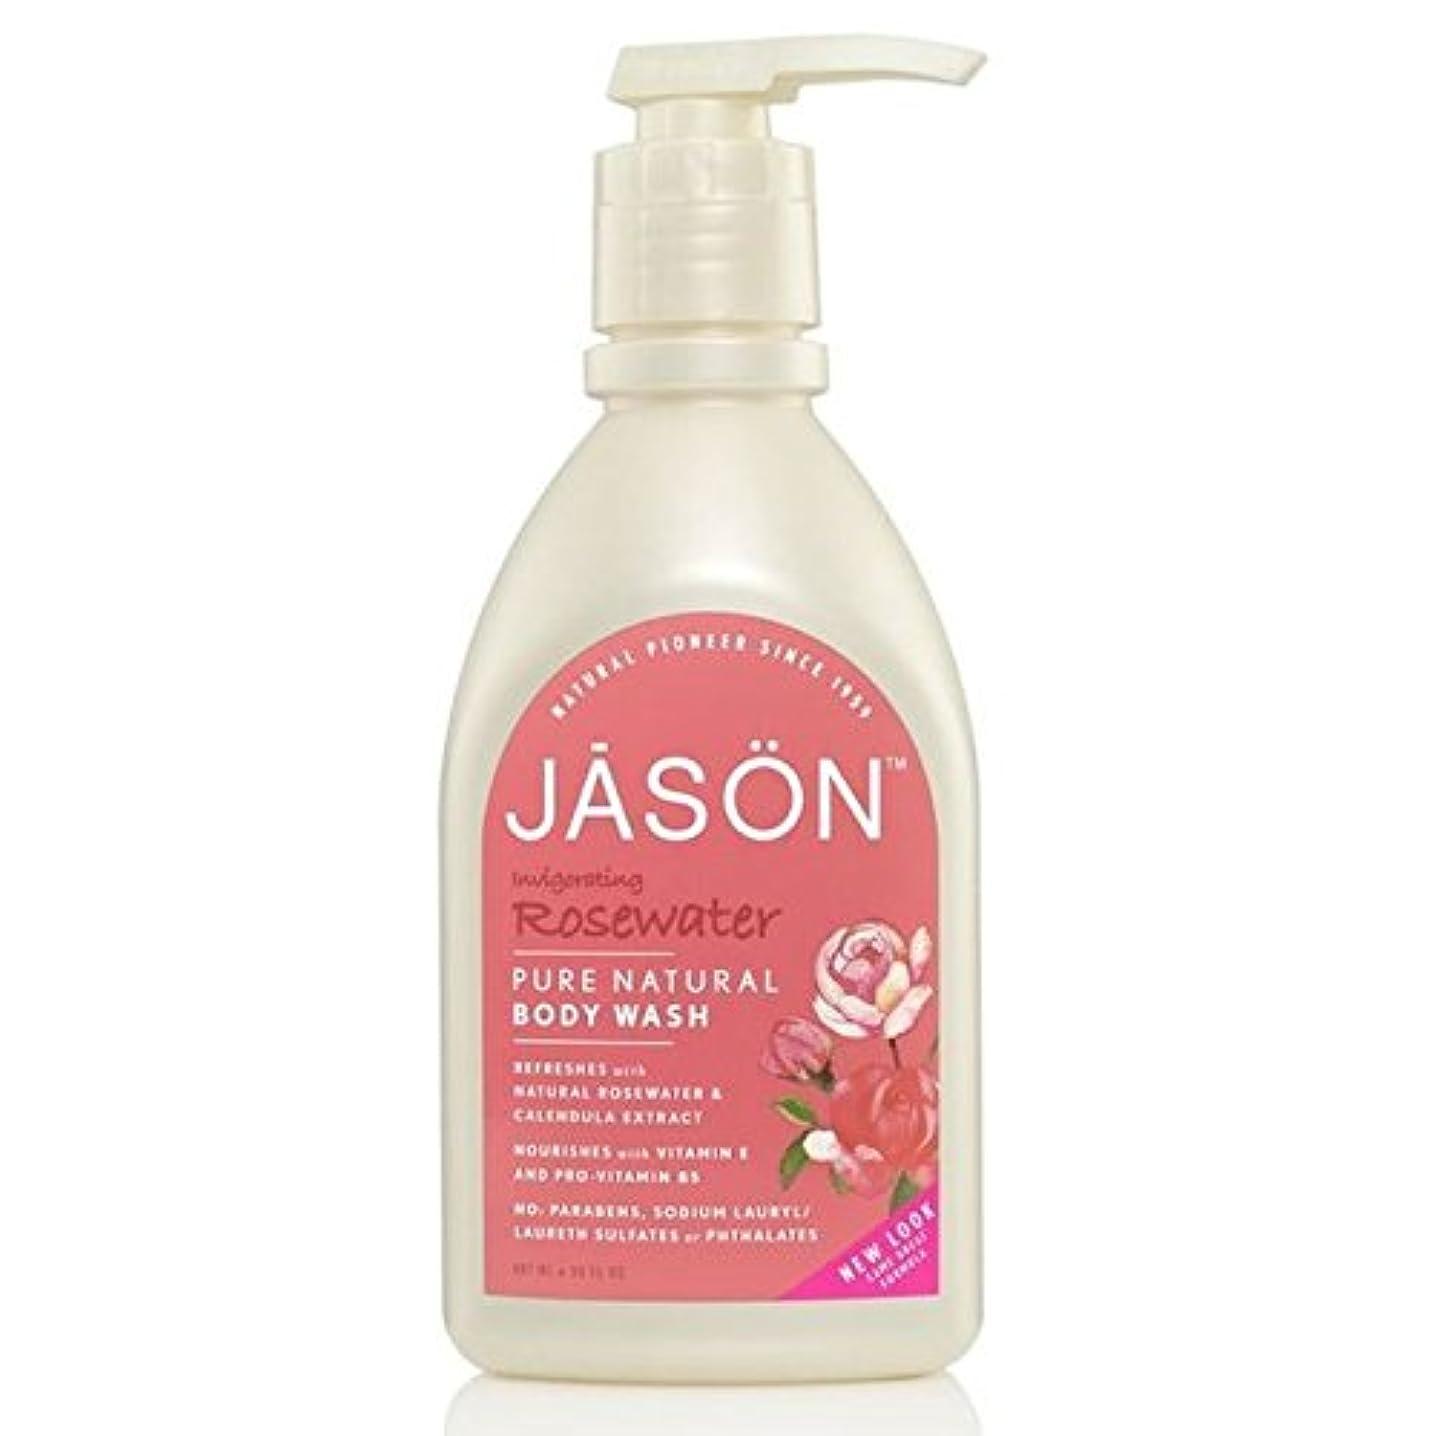 対立無視廃棄ジェイソン?ボディウォッシュローズウォーターサテンシャワー900ミリリットル x4 - Jason Body Wash Rosewater Satin Shower 900ml (Pack of 4) [並行輸入品]